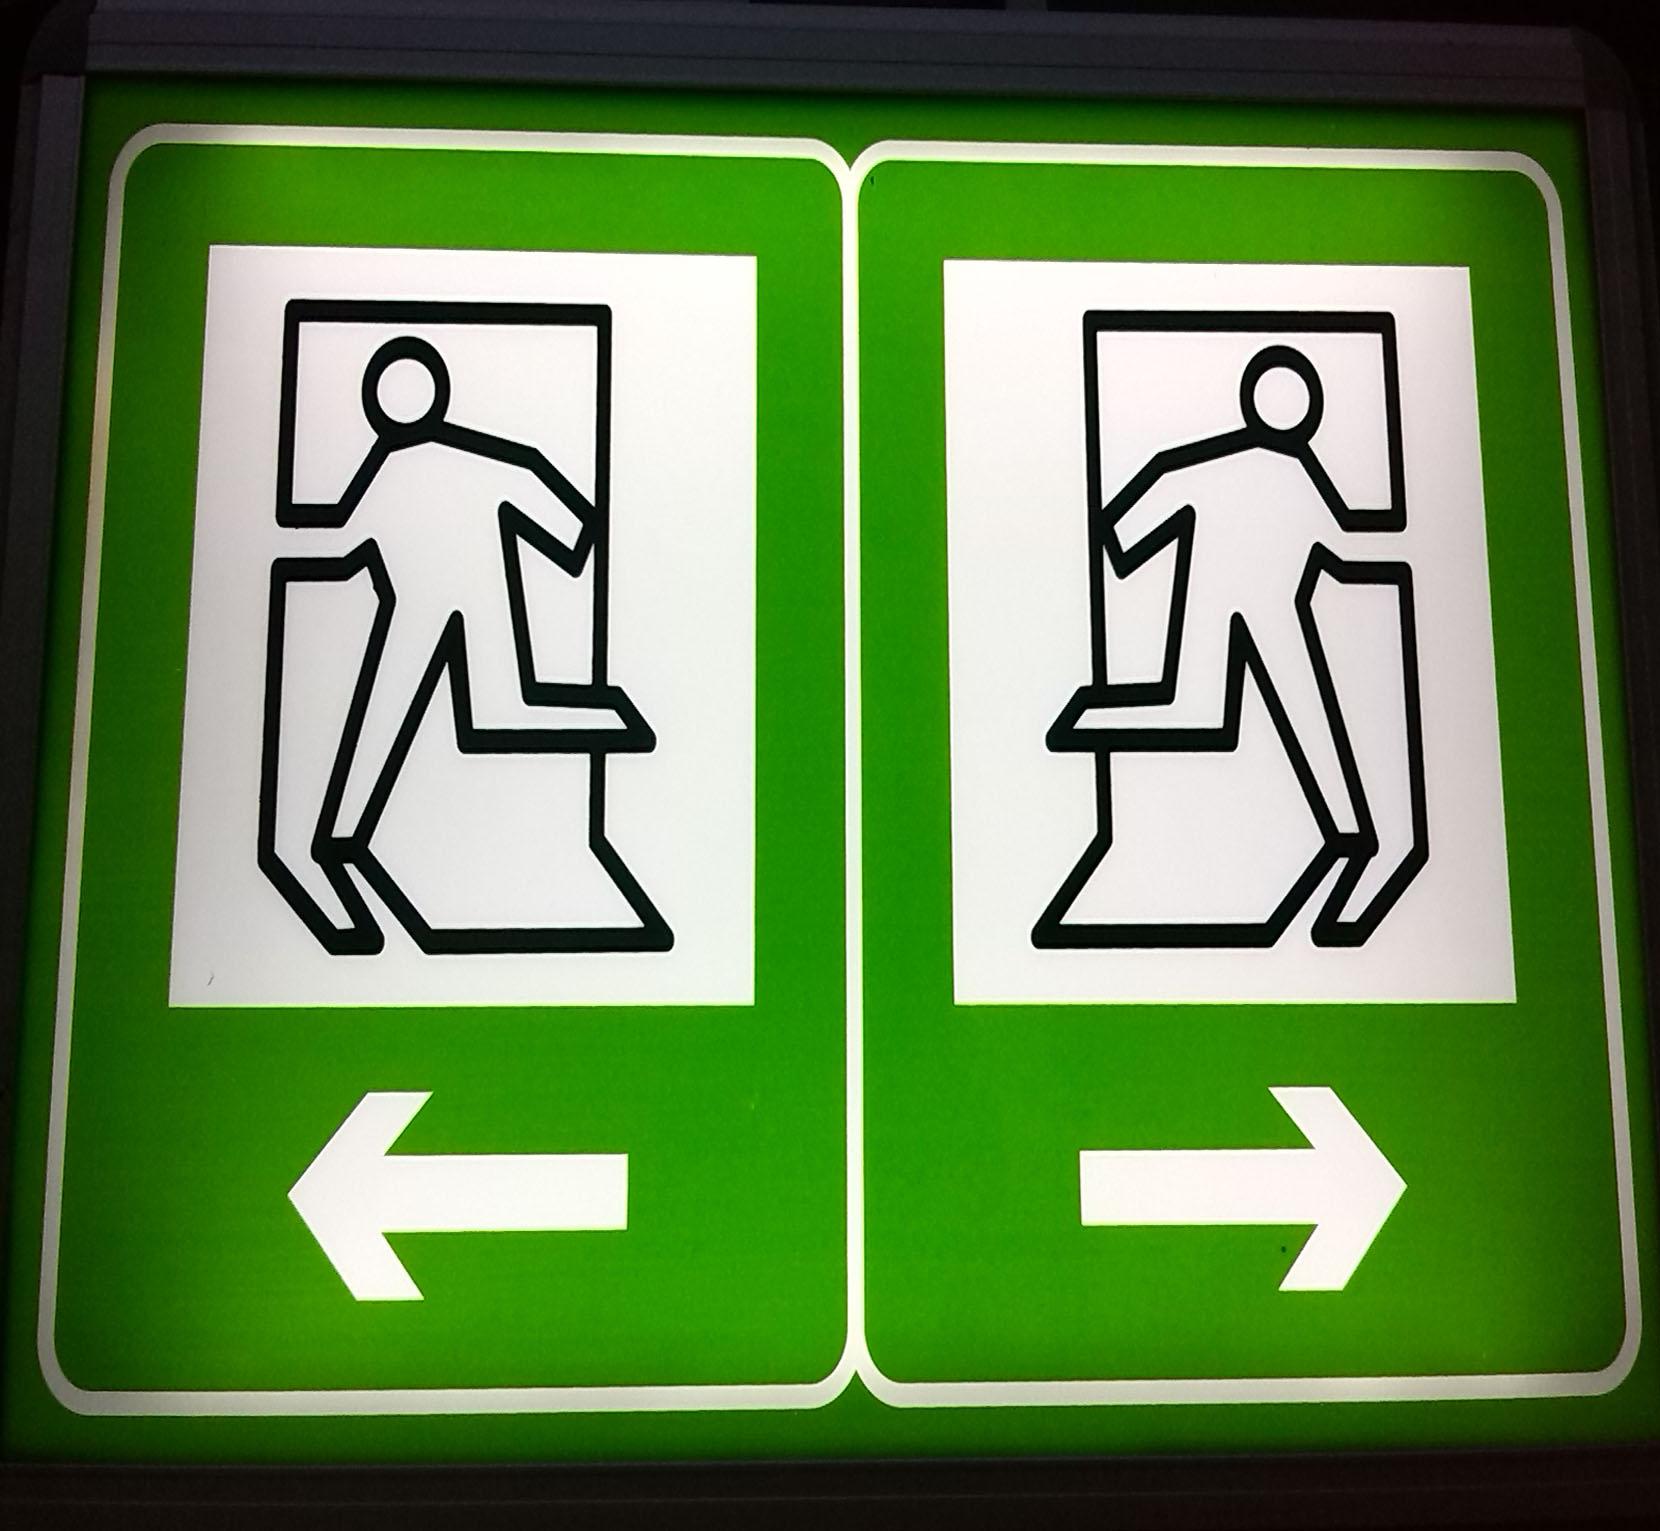 LED隧道应急诱导灯断电应急避灾疏散标志牌